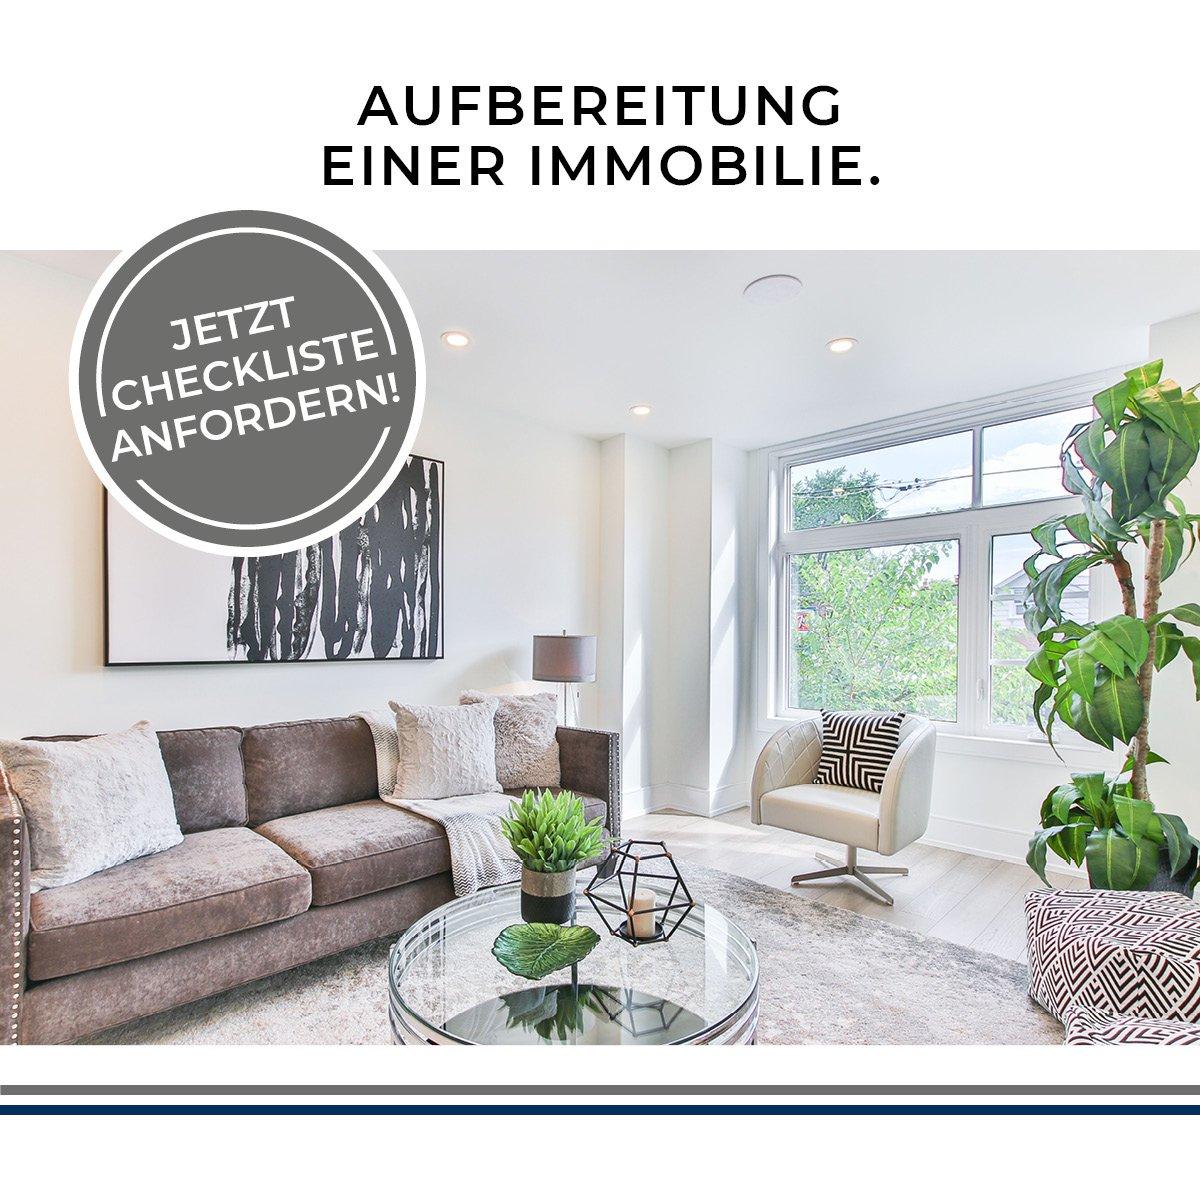 Checkliste - Aubereitung einer Immobilie in Minden, Porta Westfalica, Lübbecke, Bielefeld